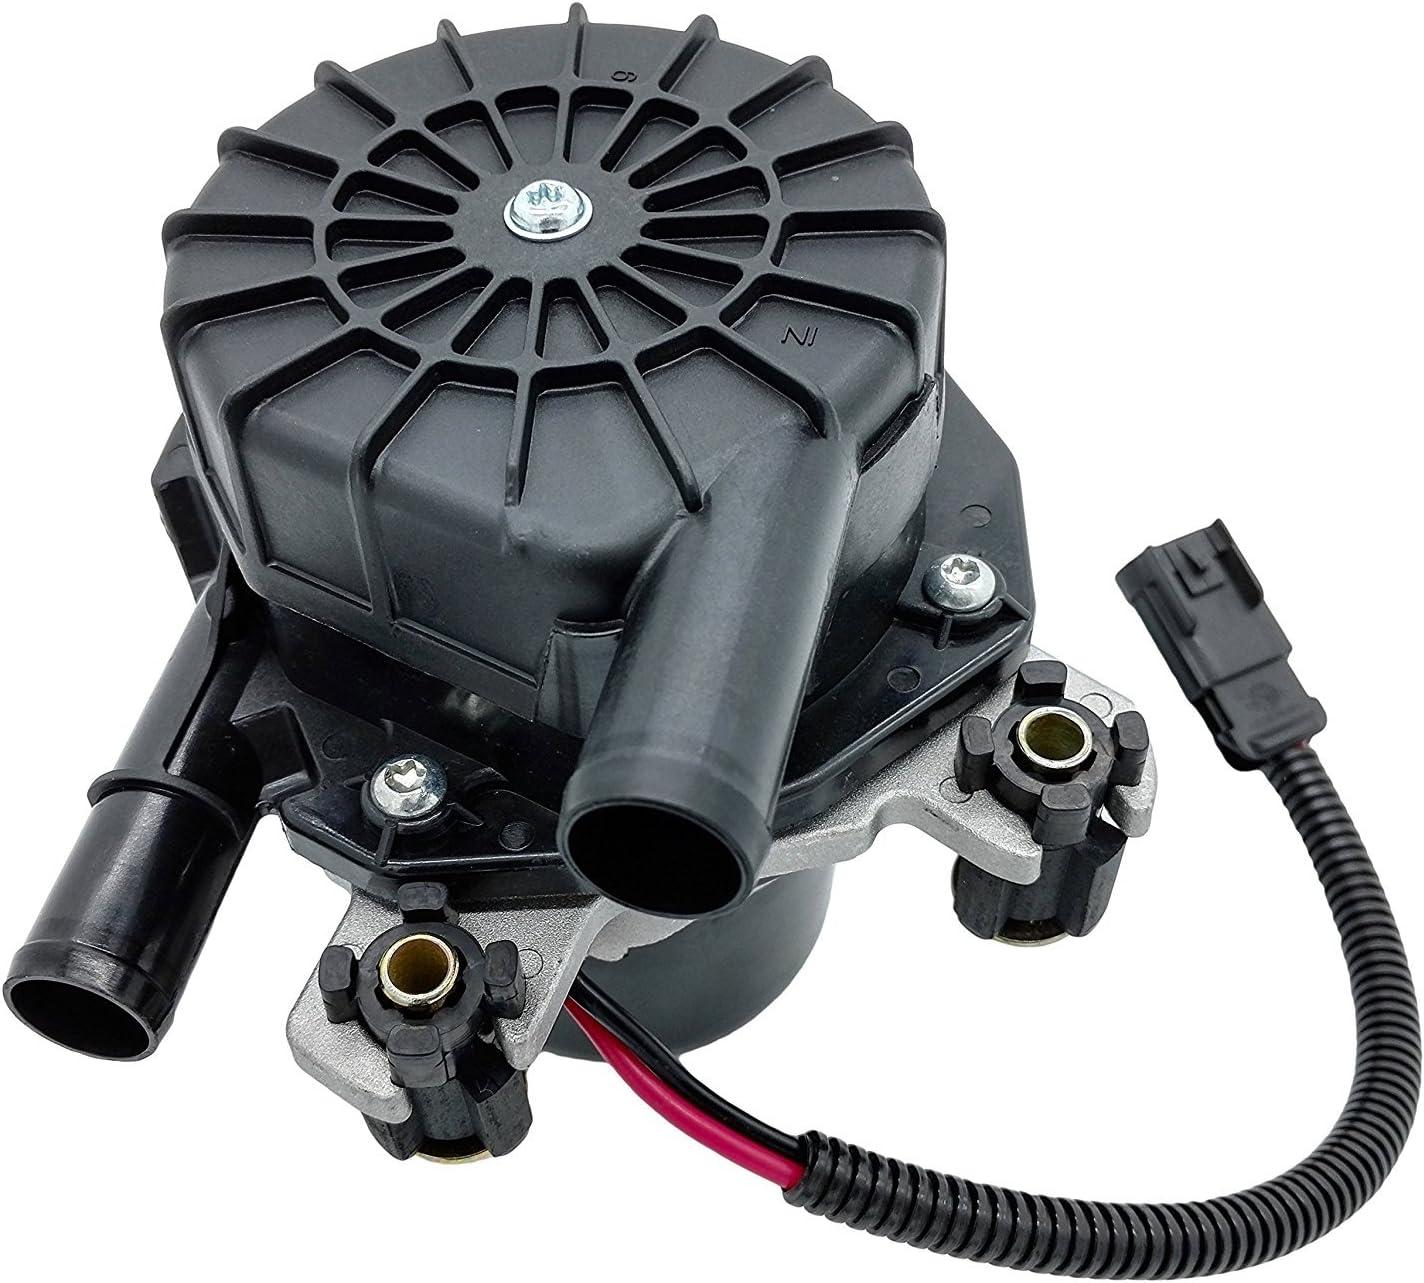 Secondary Air Pump For Chevy Express Silverado GMC Savana Sierra 2.2 4.3 5.7 8.1